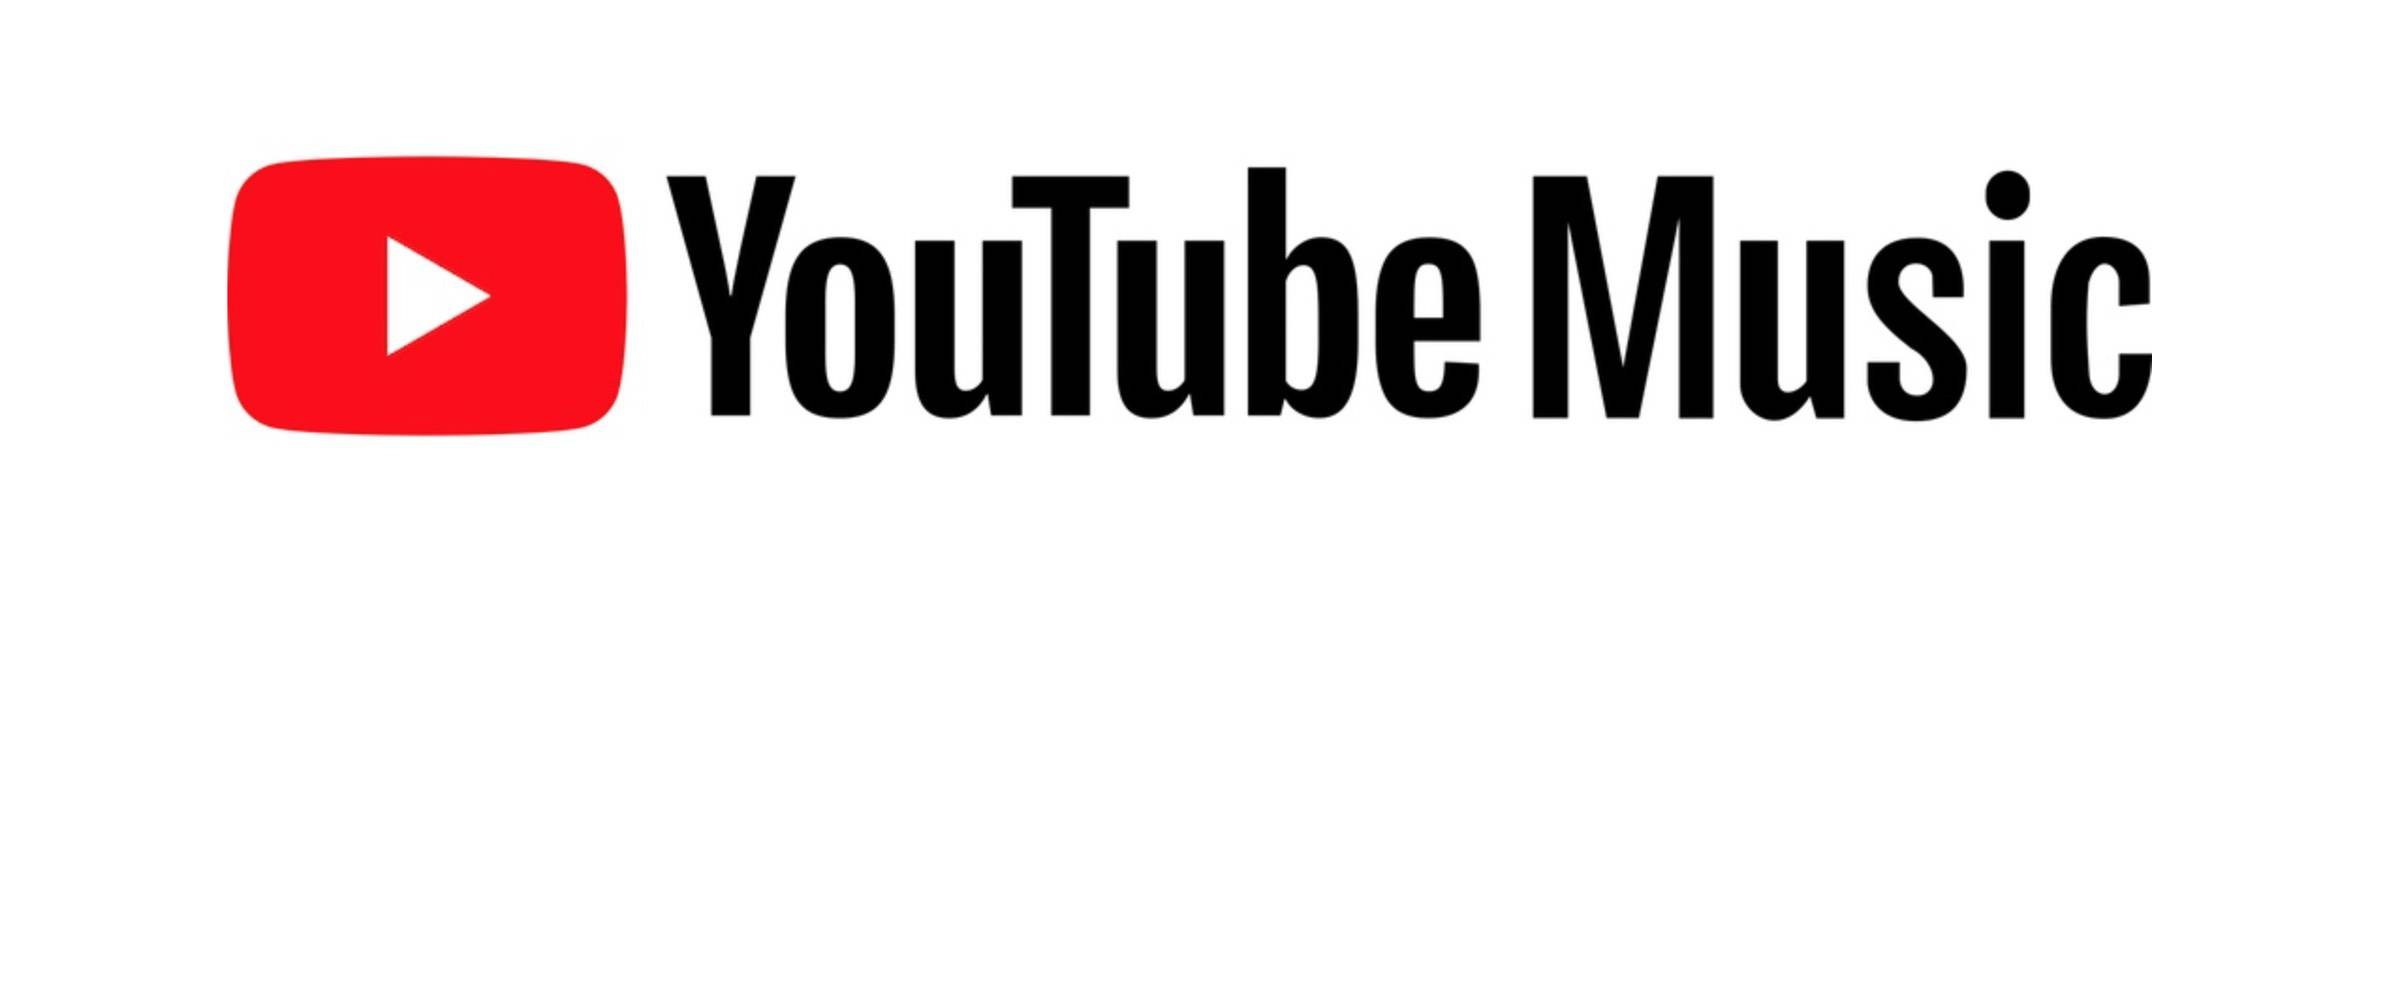 Upload Funktion für YouTube Music kündigt sich an   Pokipsie Network